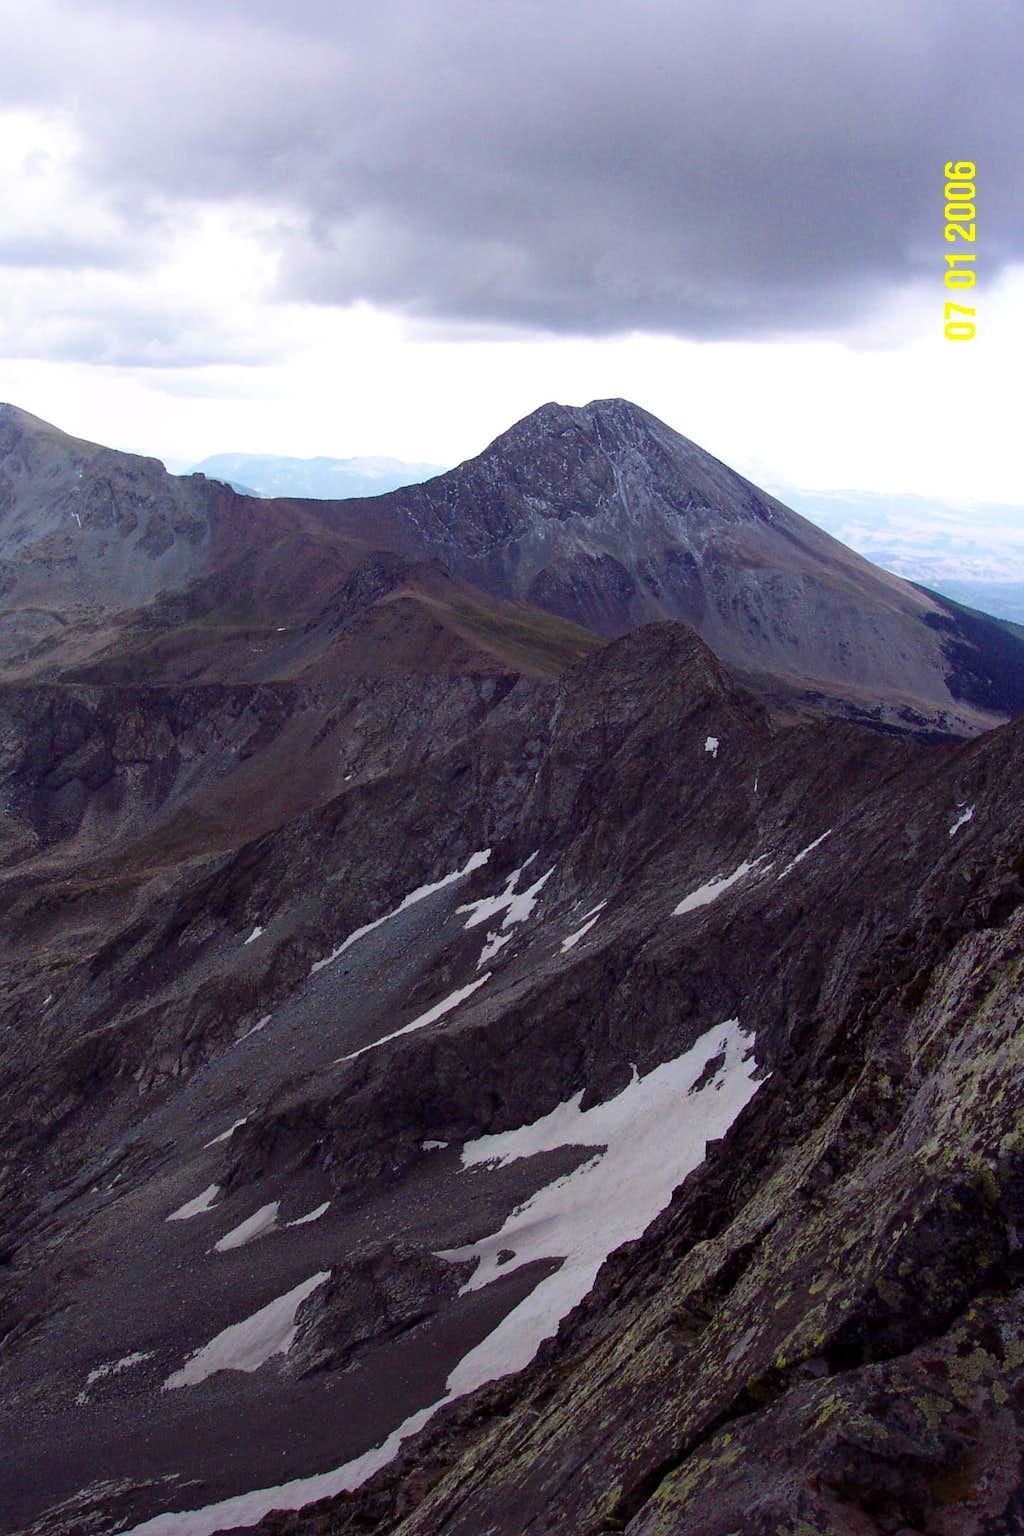 Blanca Mountain